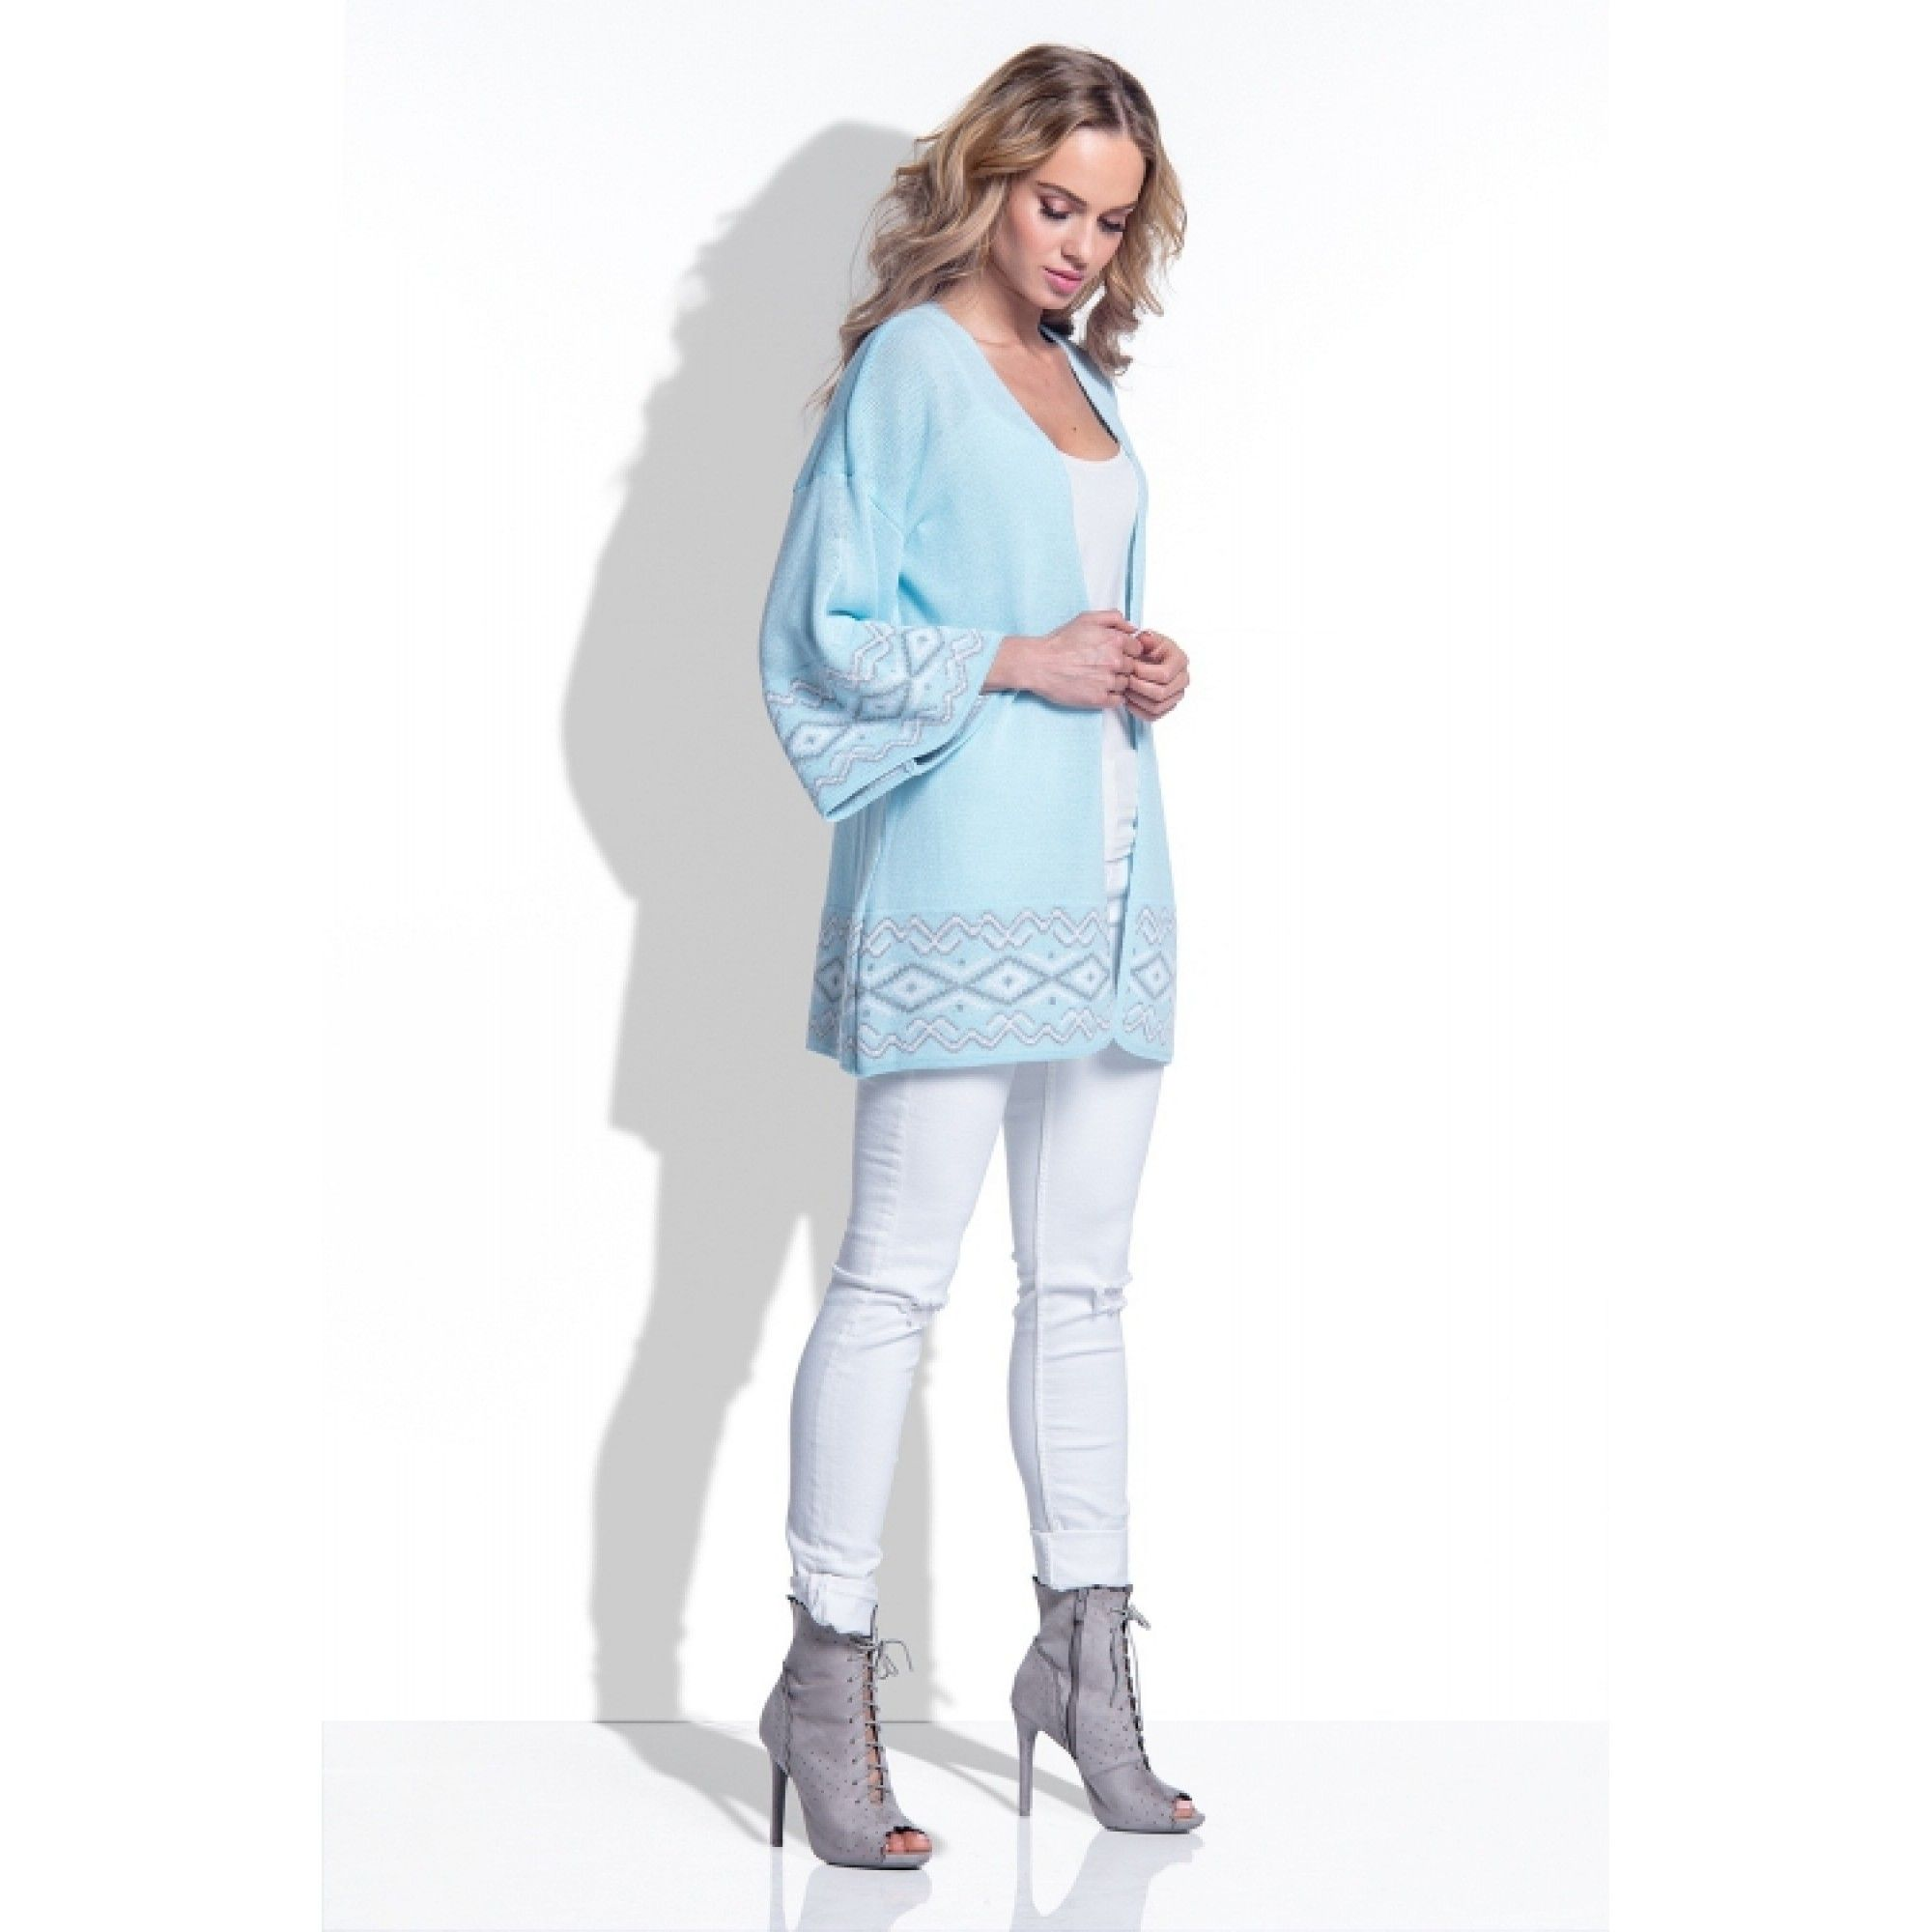 Cardigan de dama model jacquard cu maneci largi sky blue